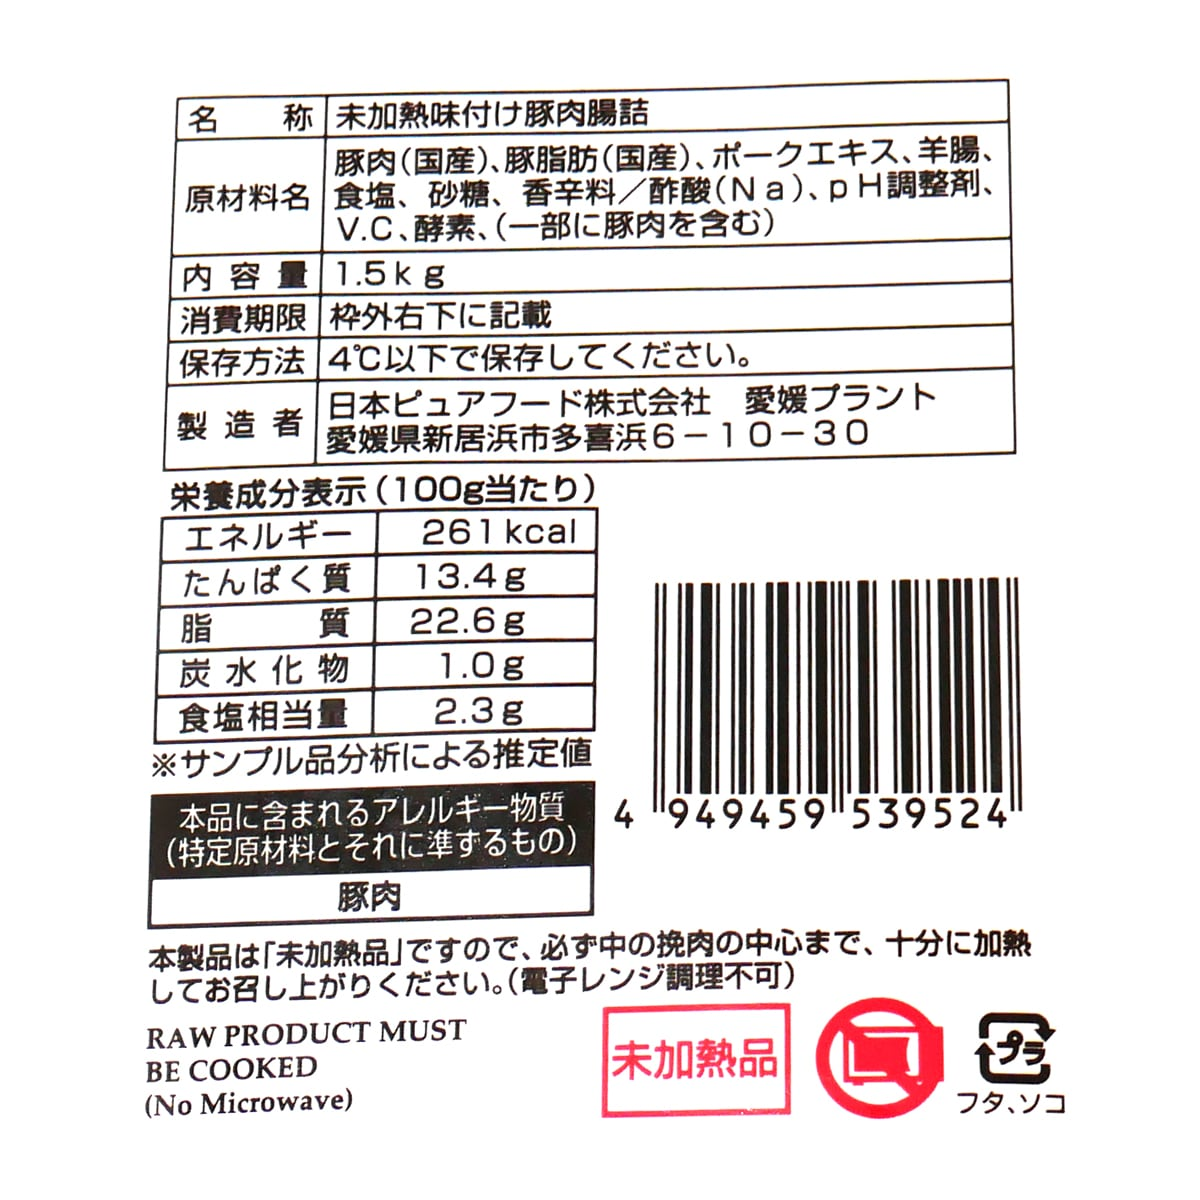 腸詰めポーク(生ソーセージ)国産豚肉使用 1.5kg 商品ラベル(原材料・カロリーほか)